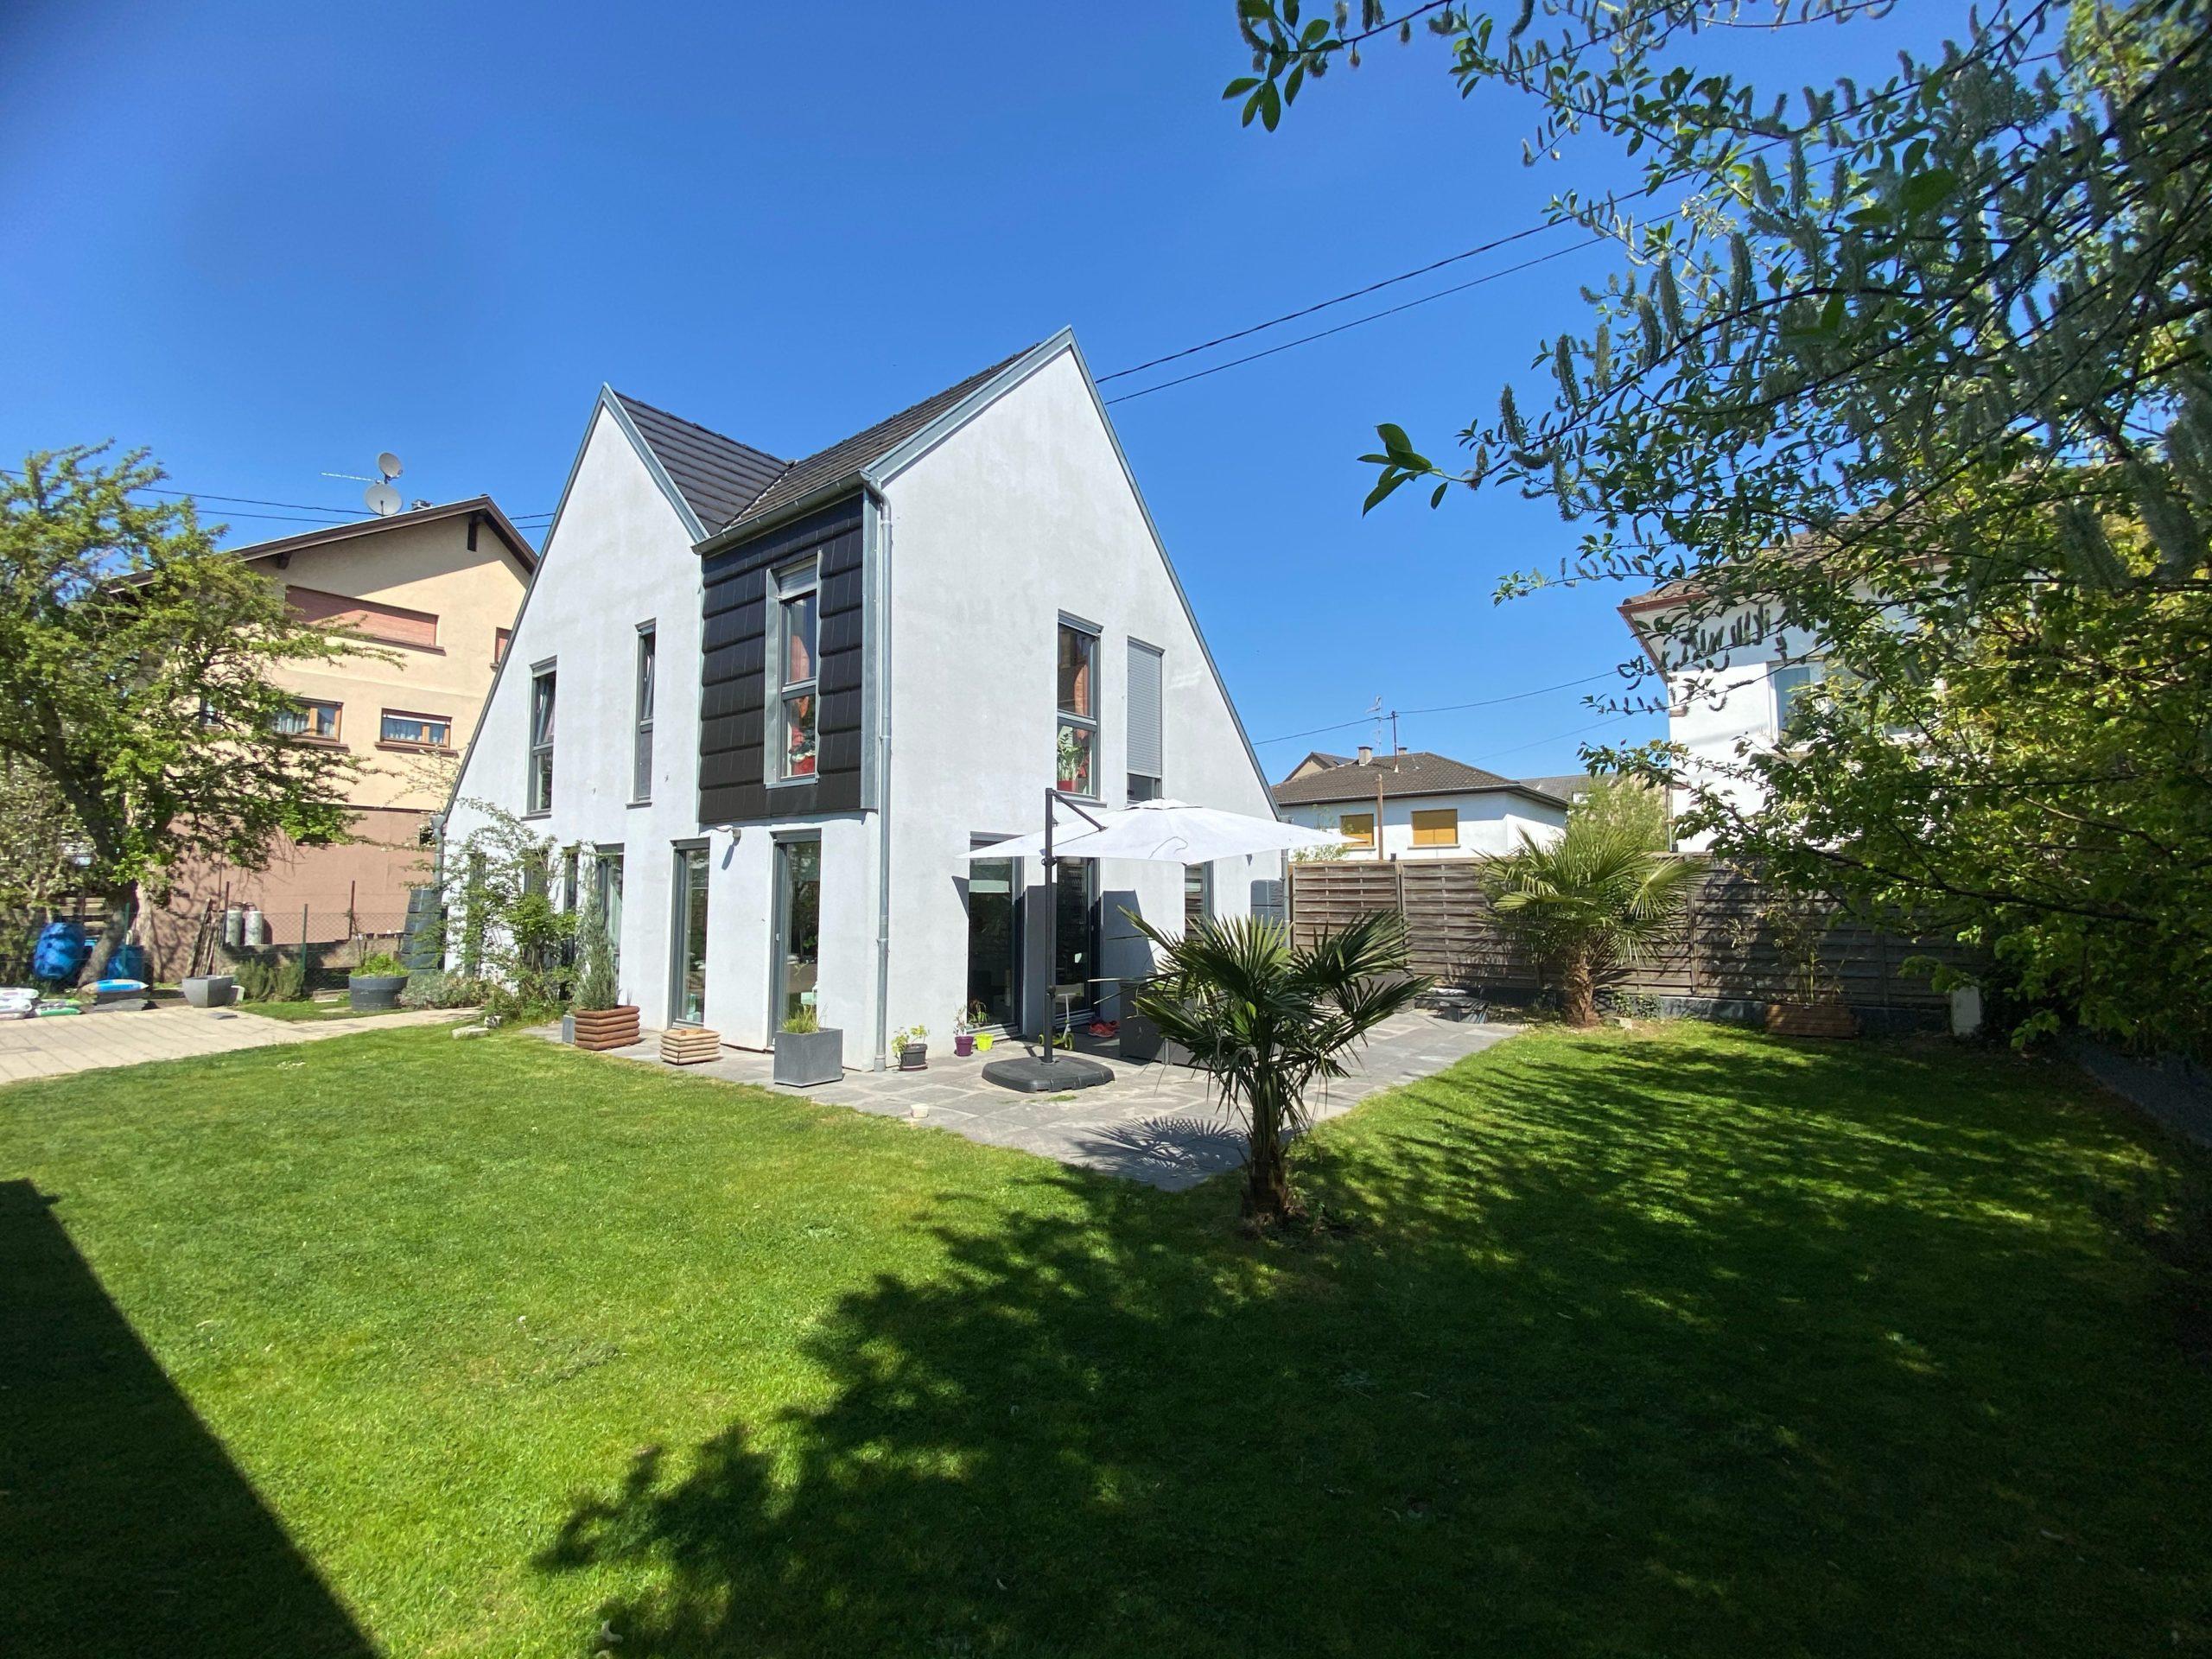 Maison moderne à Lingolsheim